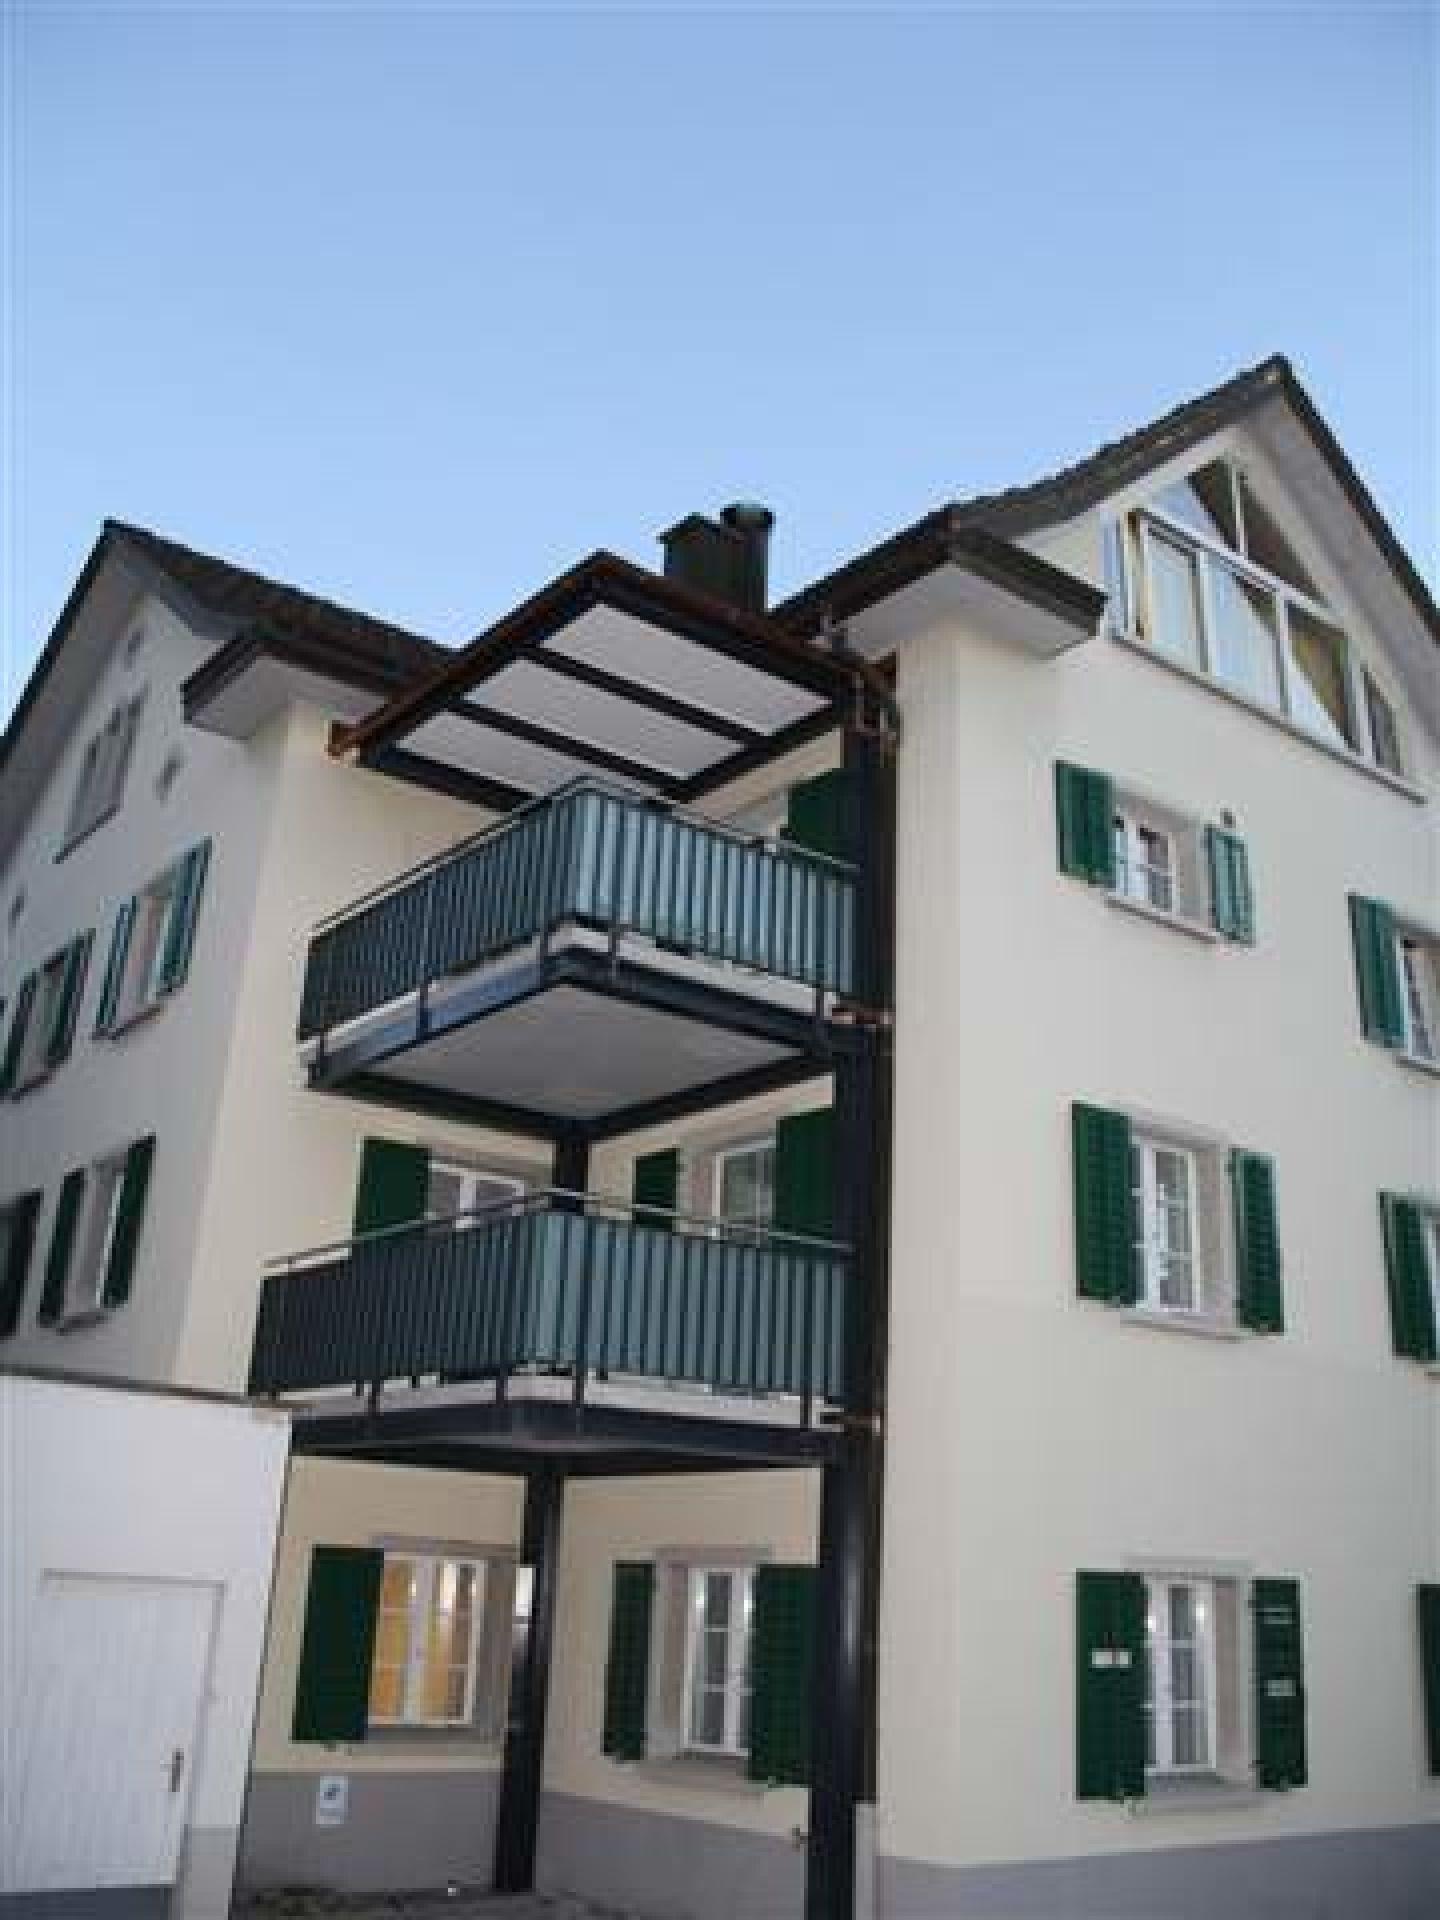 Kirchstrasse 2